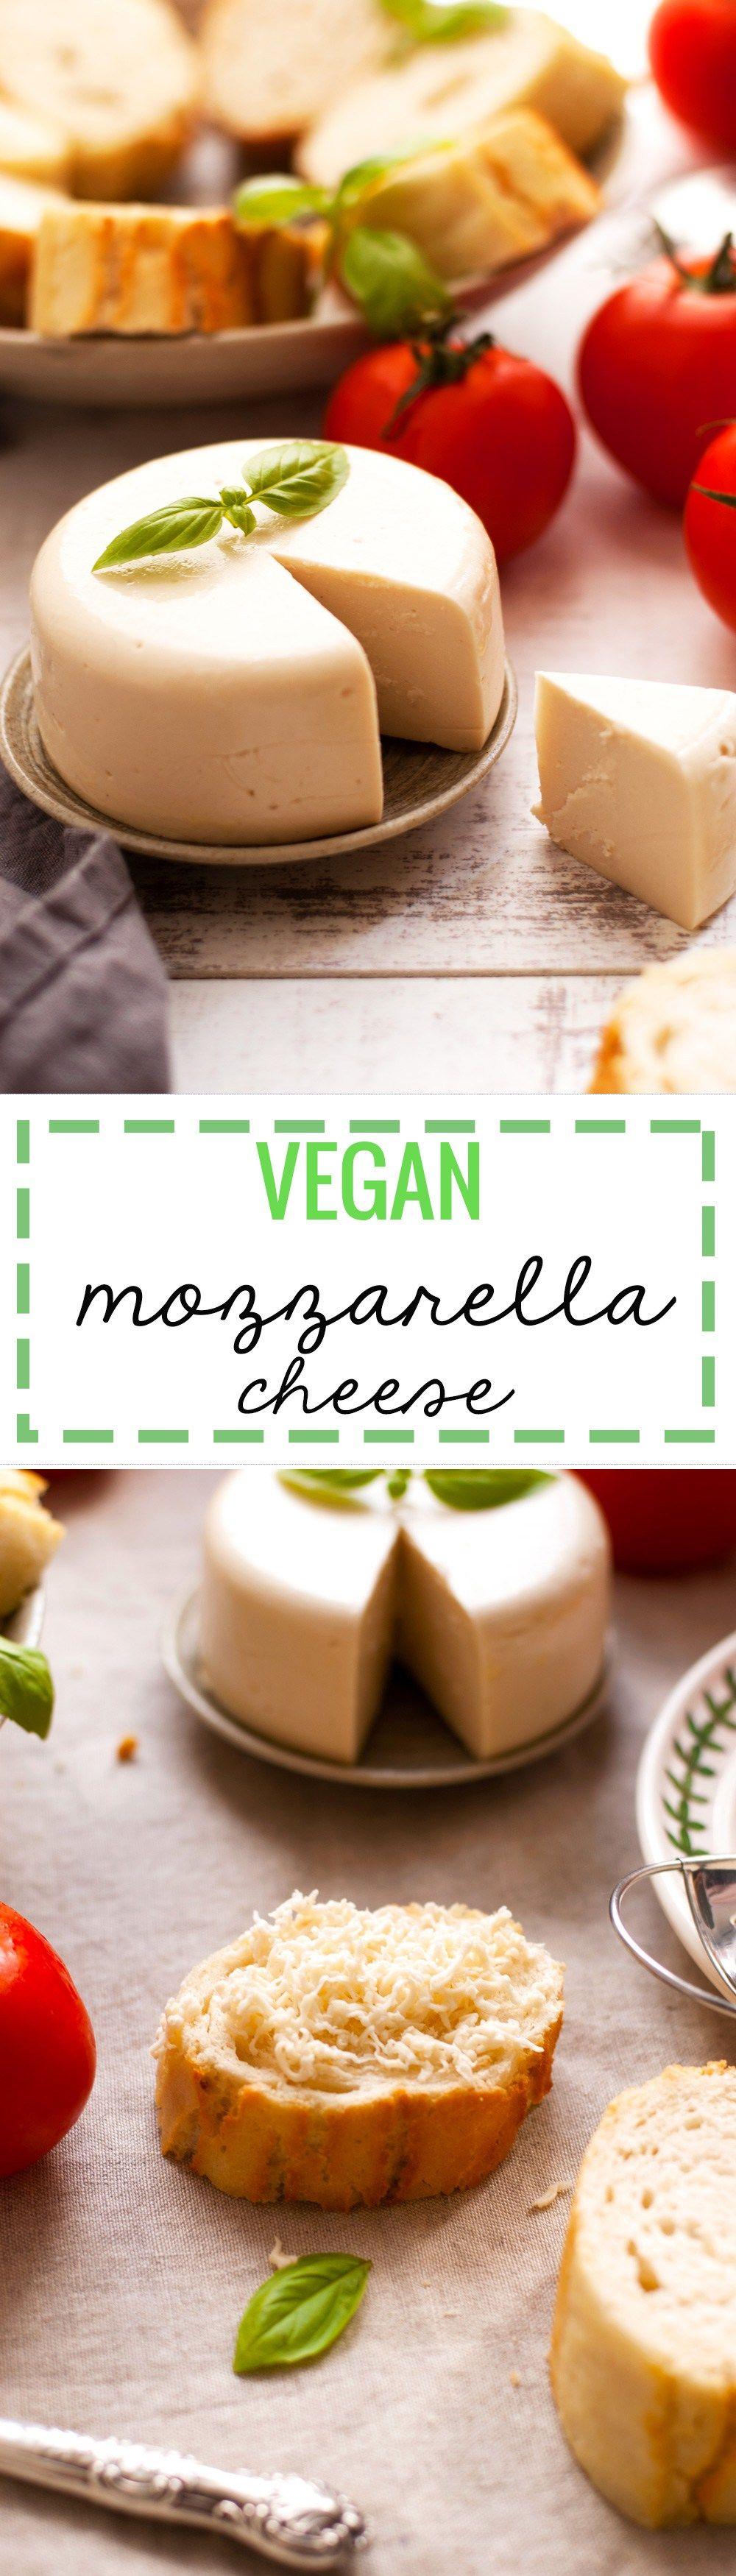 Vegan Mozzarella Cheese Recipe Vegan Recipes Vegan Cheese Recipes Vegan Dishes